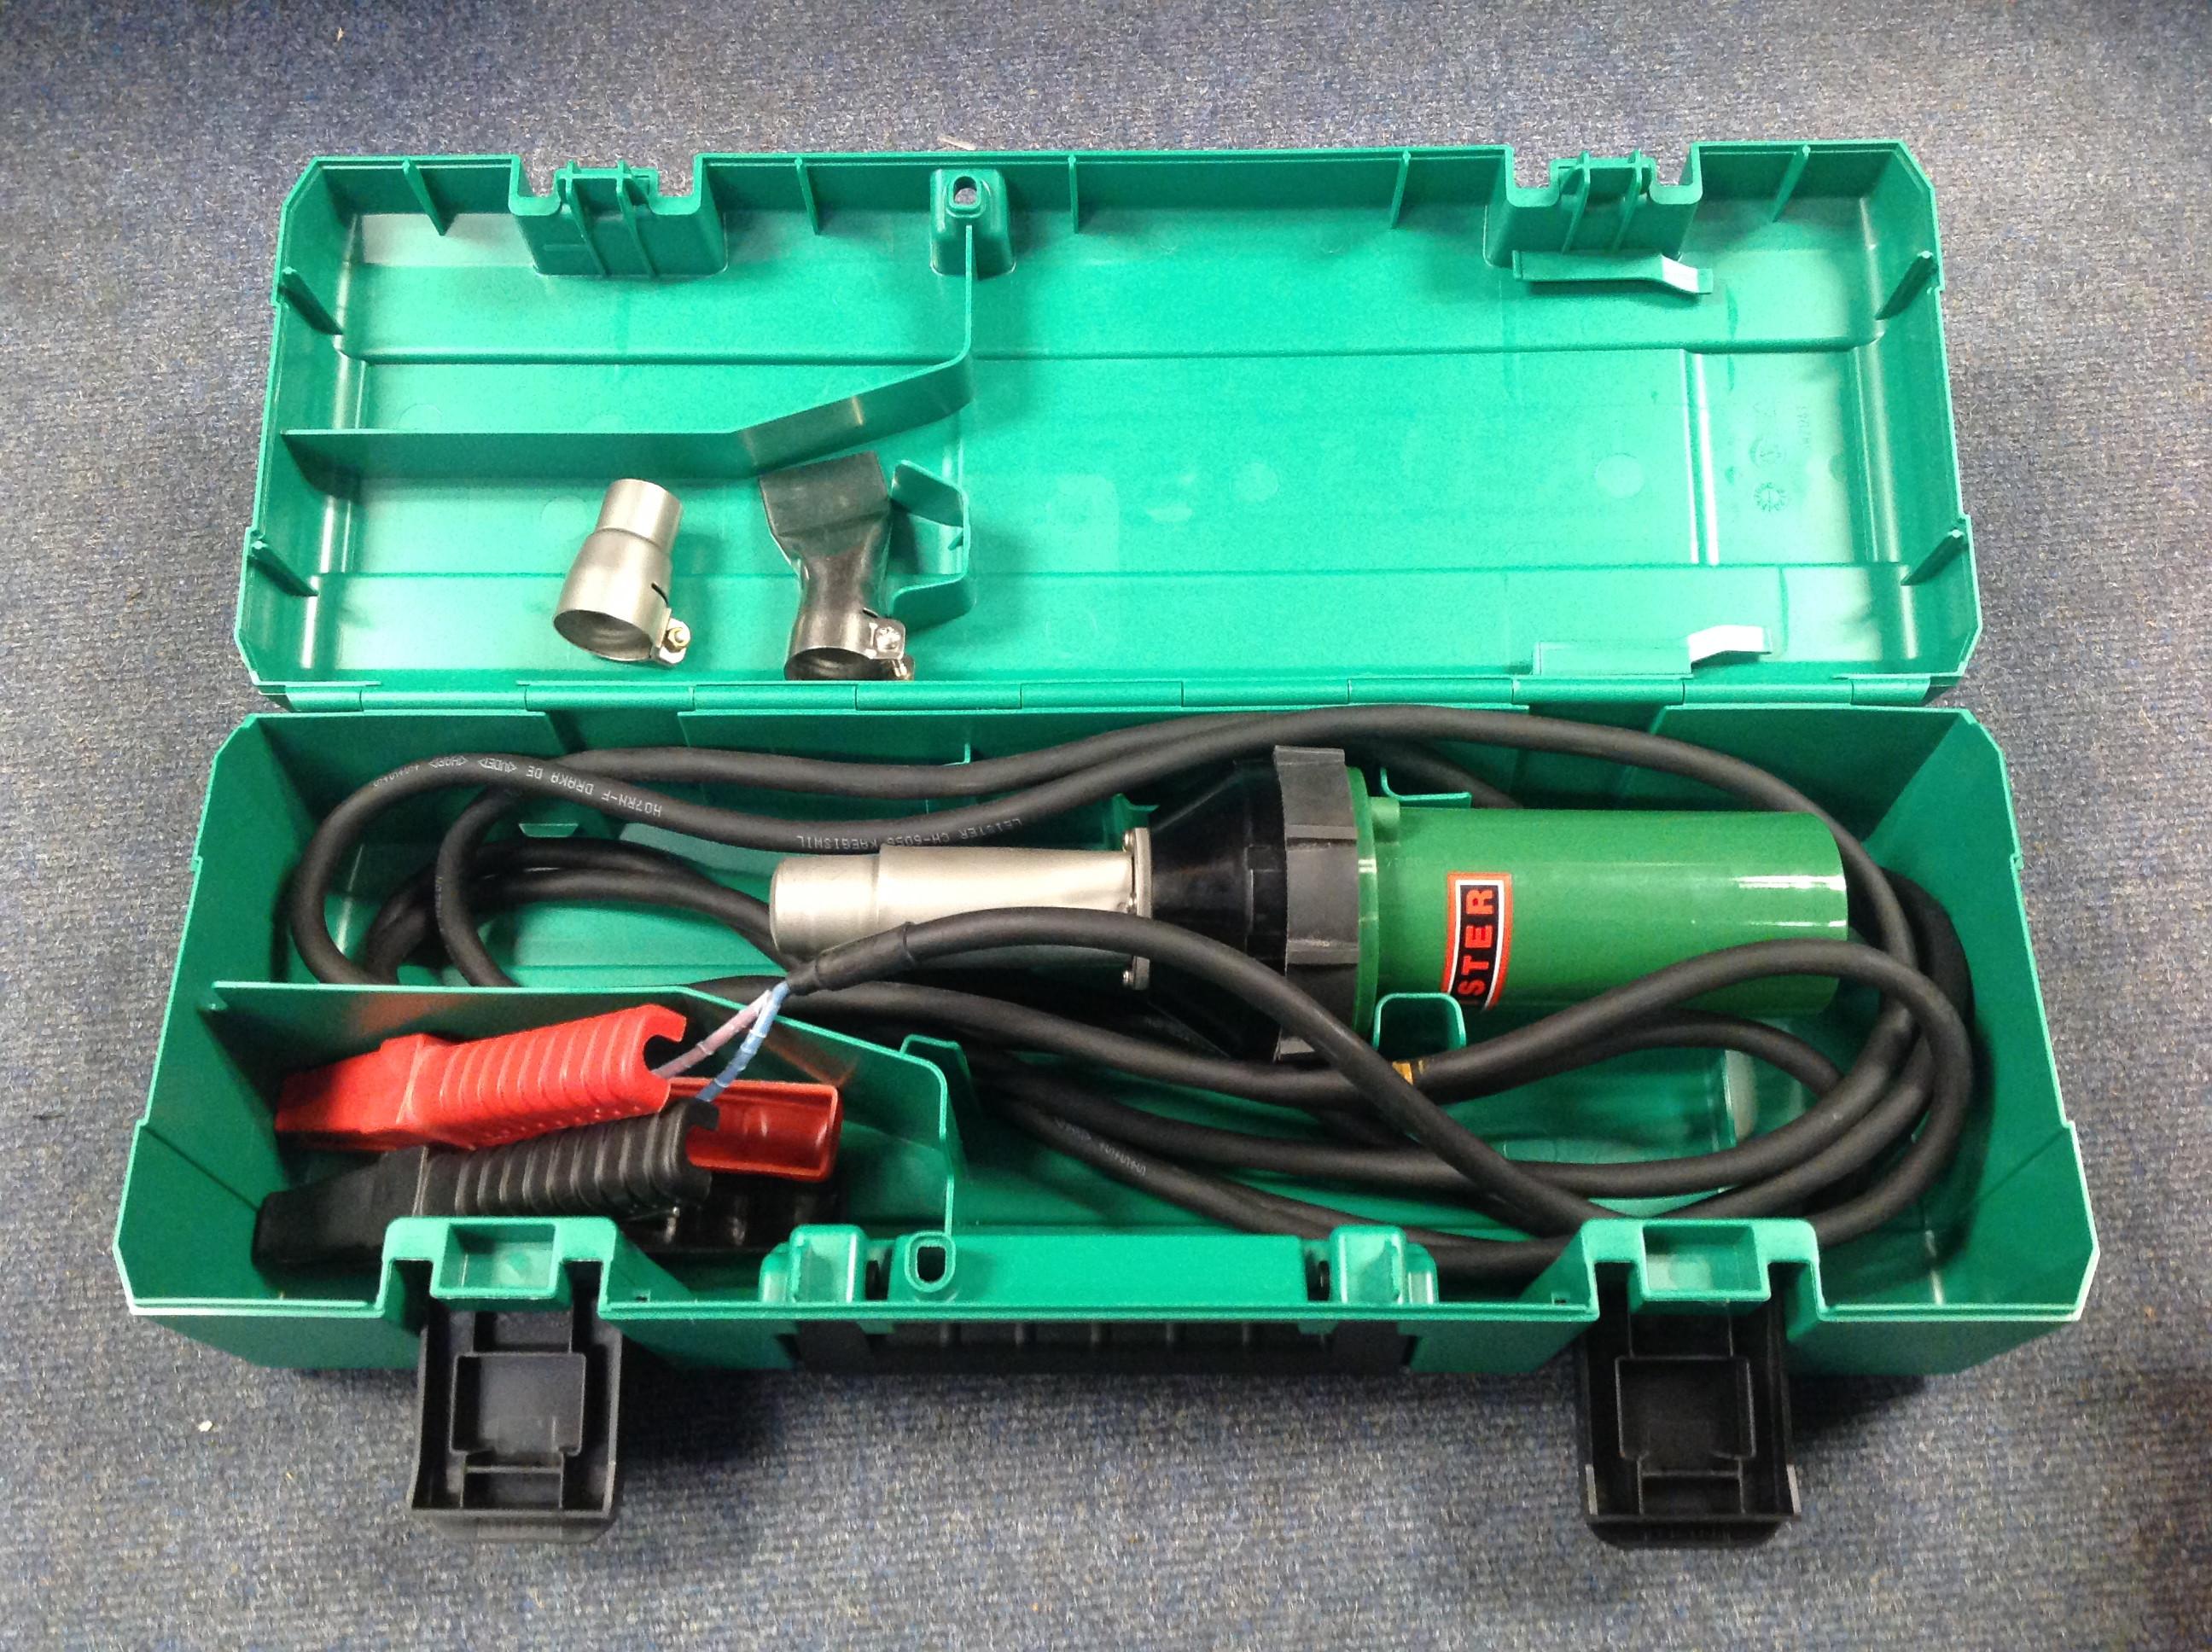 Used Leister Triac Heat Gun 24V Tarpaulin Kit USED103